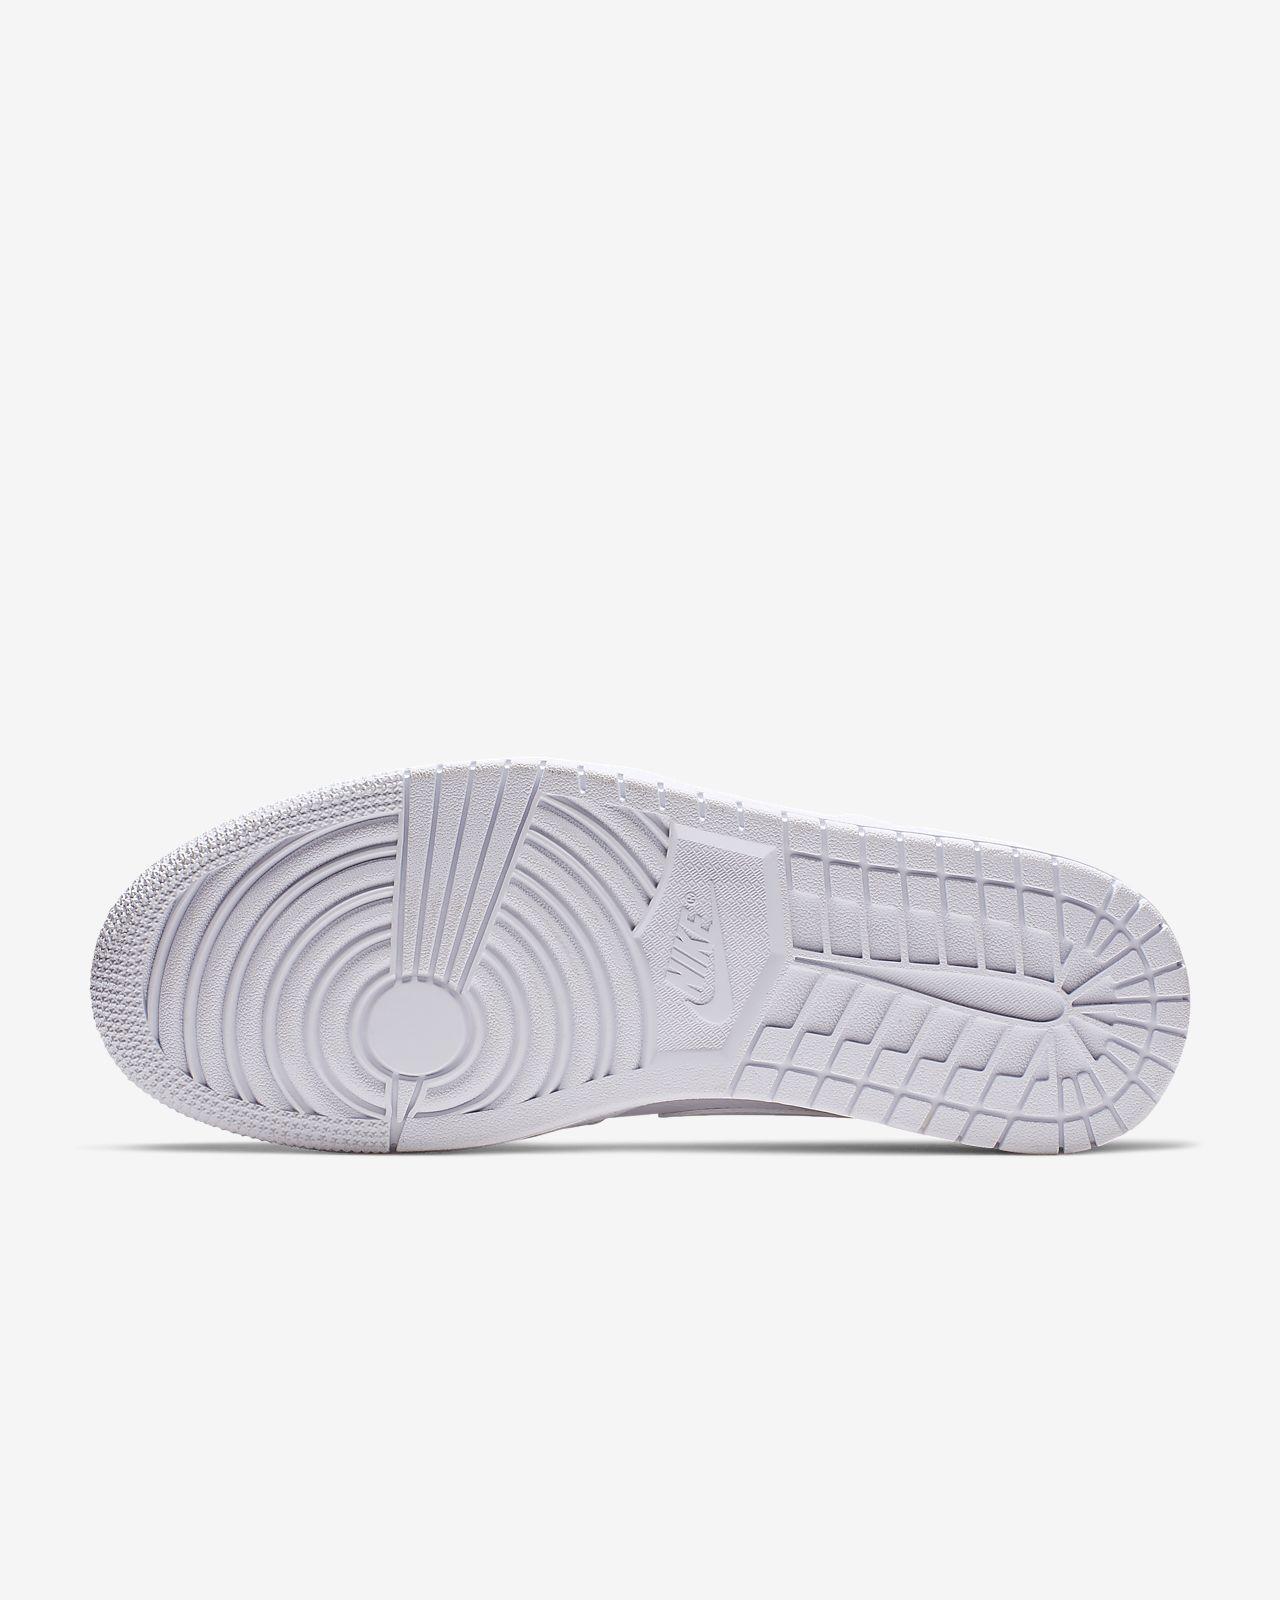 68dfbfa313 Air Jordan 1 Low Men's Shoe